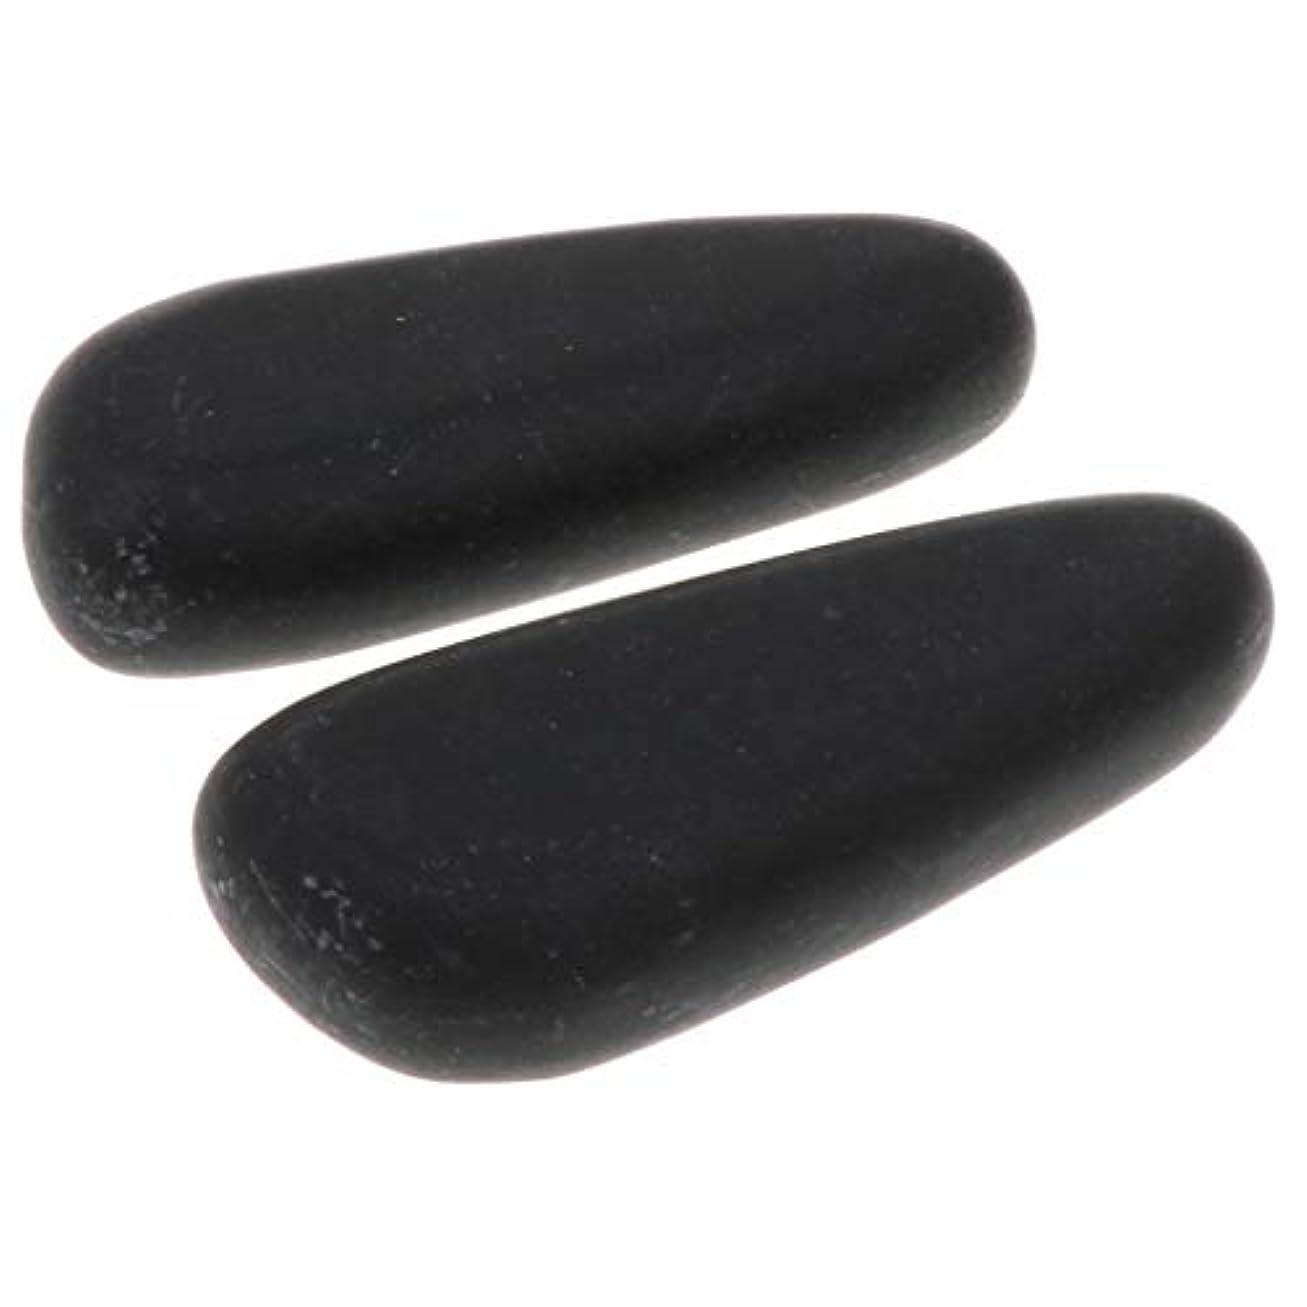 着る安定した合理的全2サイズ ホットストーン マッサージ石 マッサージストーン 玄武岩 ボディマッサージ スパ 2個入 - 8×3.2×2cm